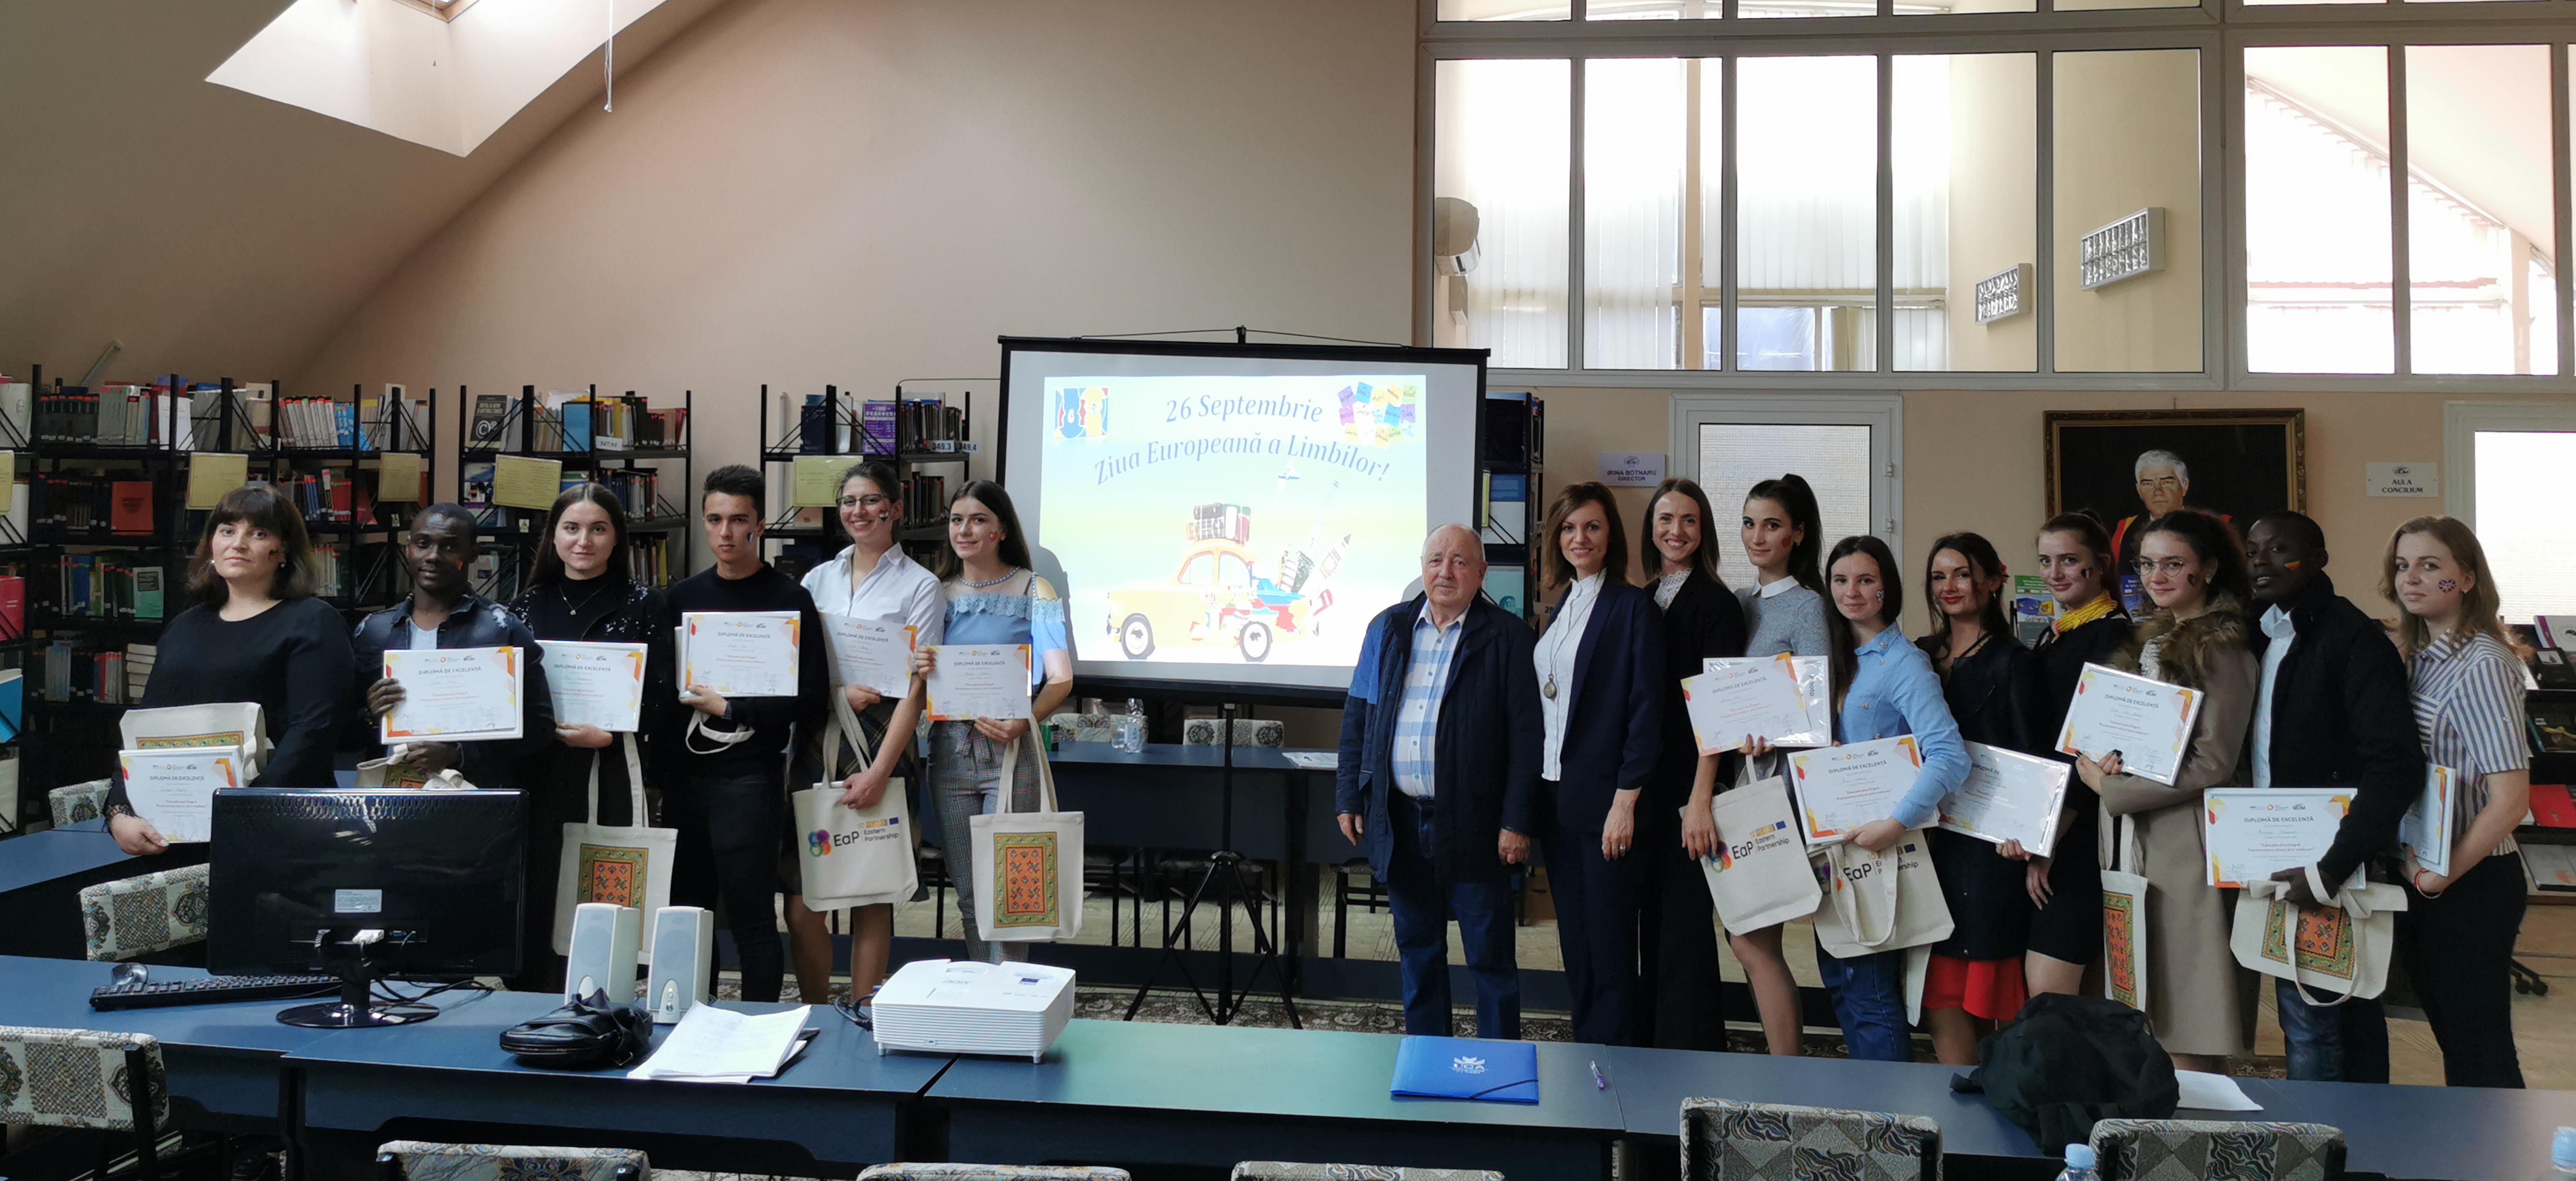 Ziua Europeană a Limbilor celebrată la ULIM